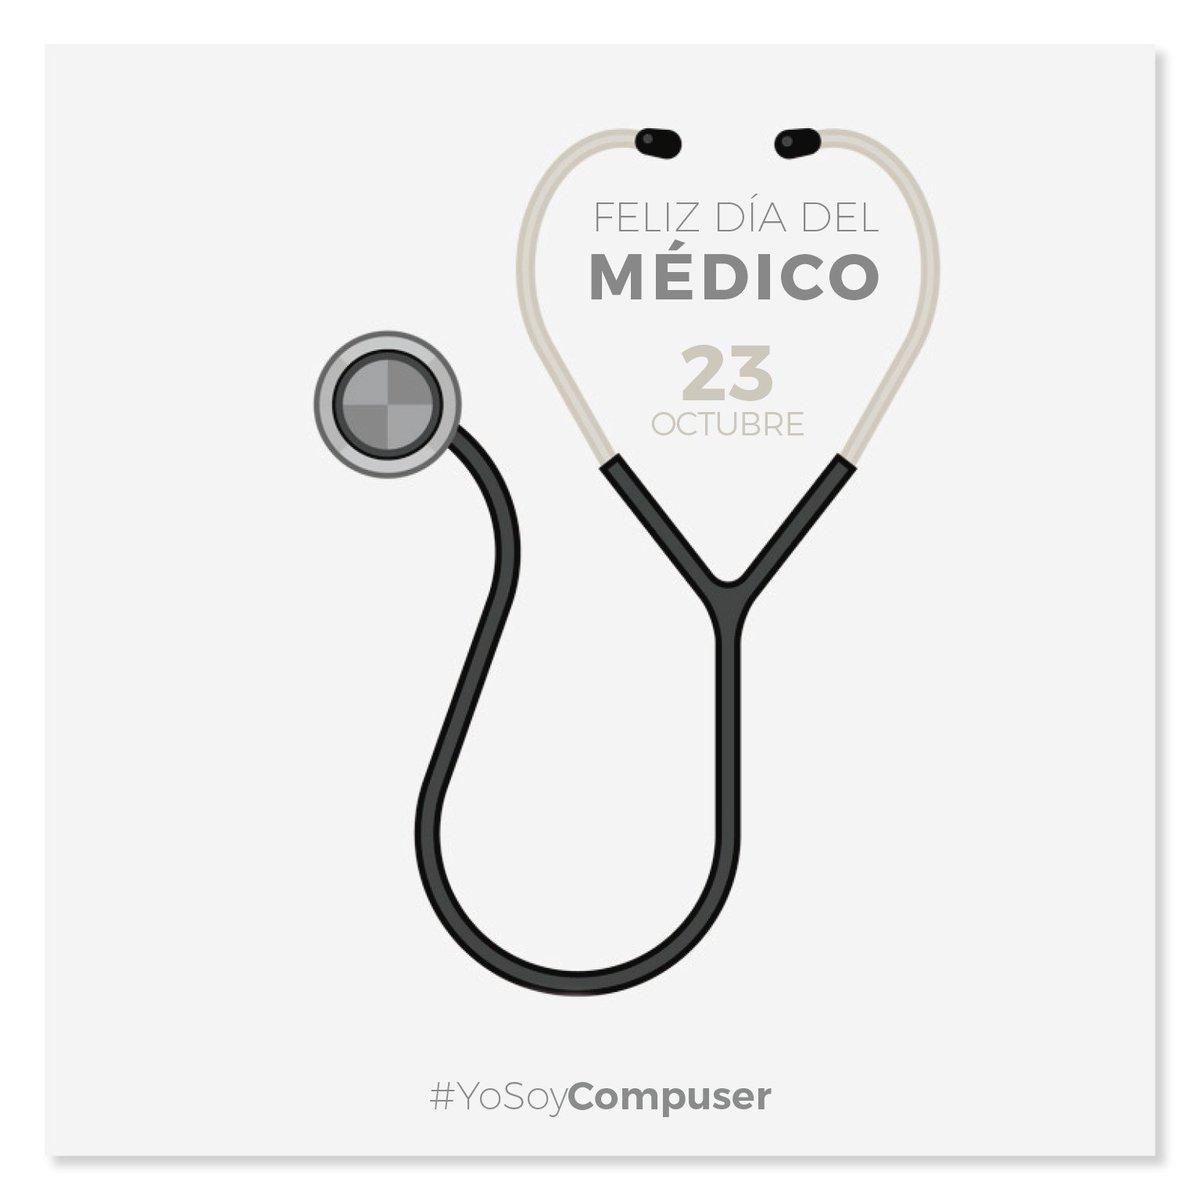 Compuseroaxaca On Twitter Feliz Día Del Médico